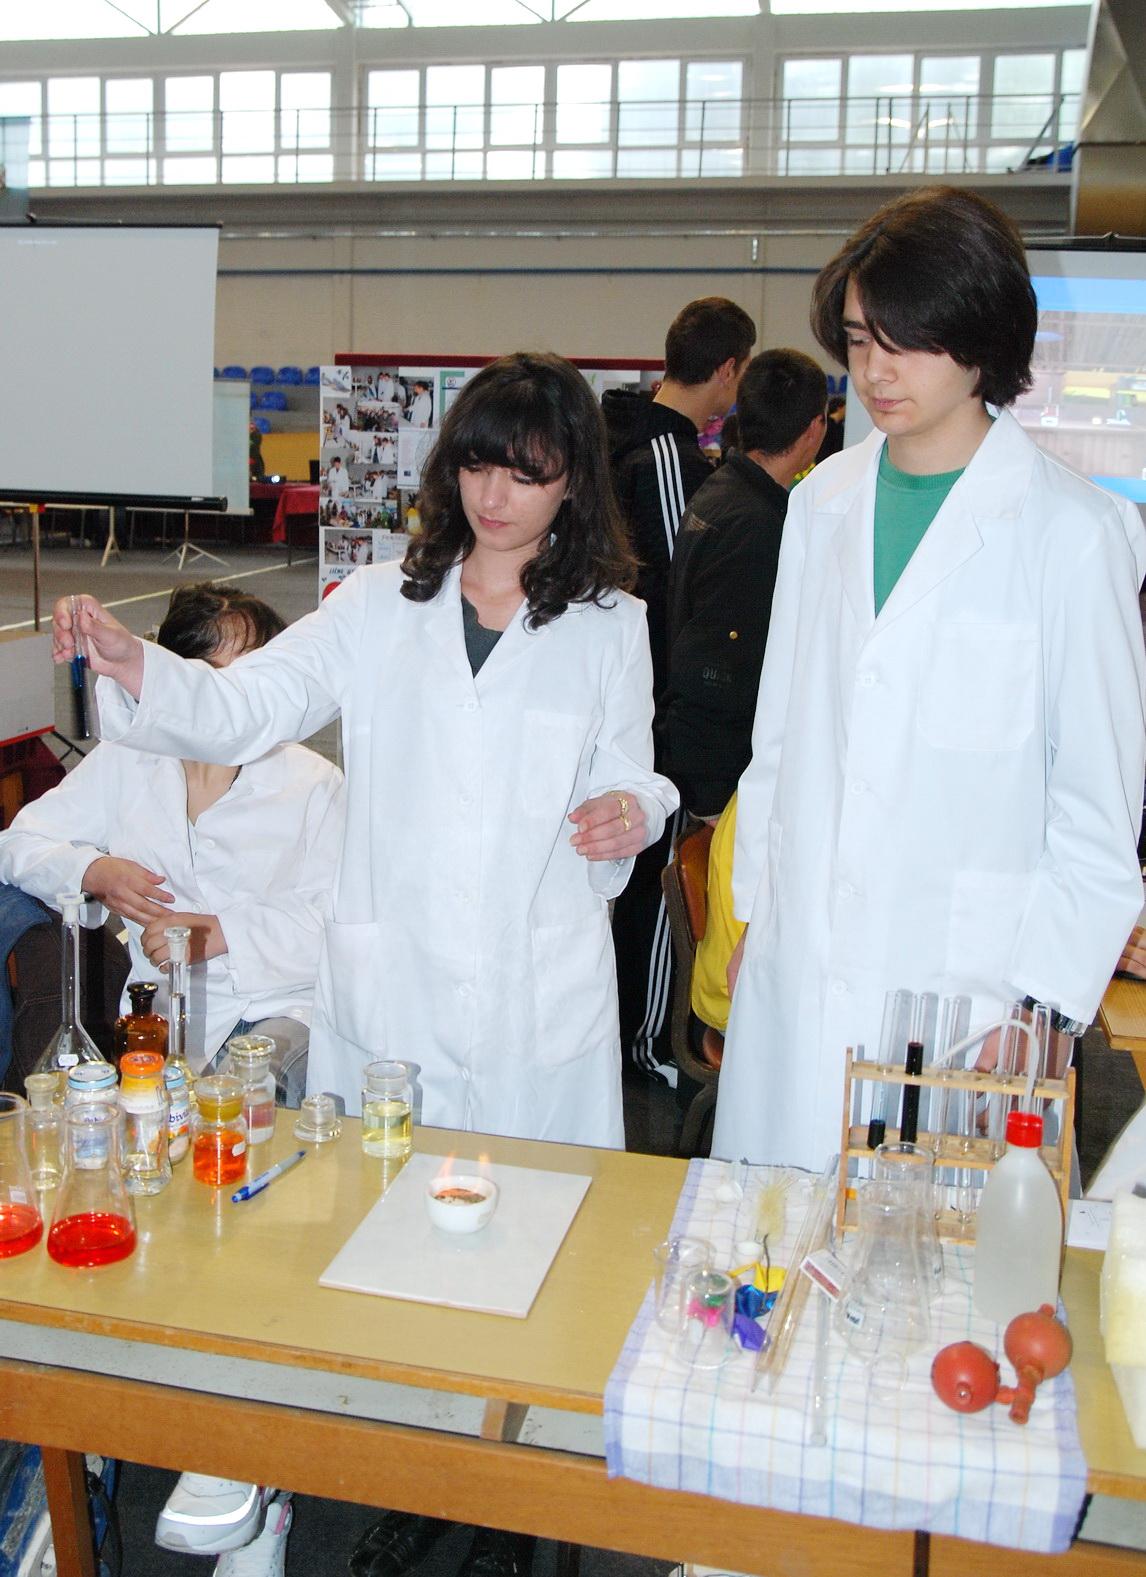 srednja strucna skola laboratorija